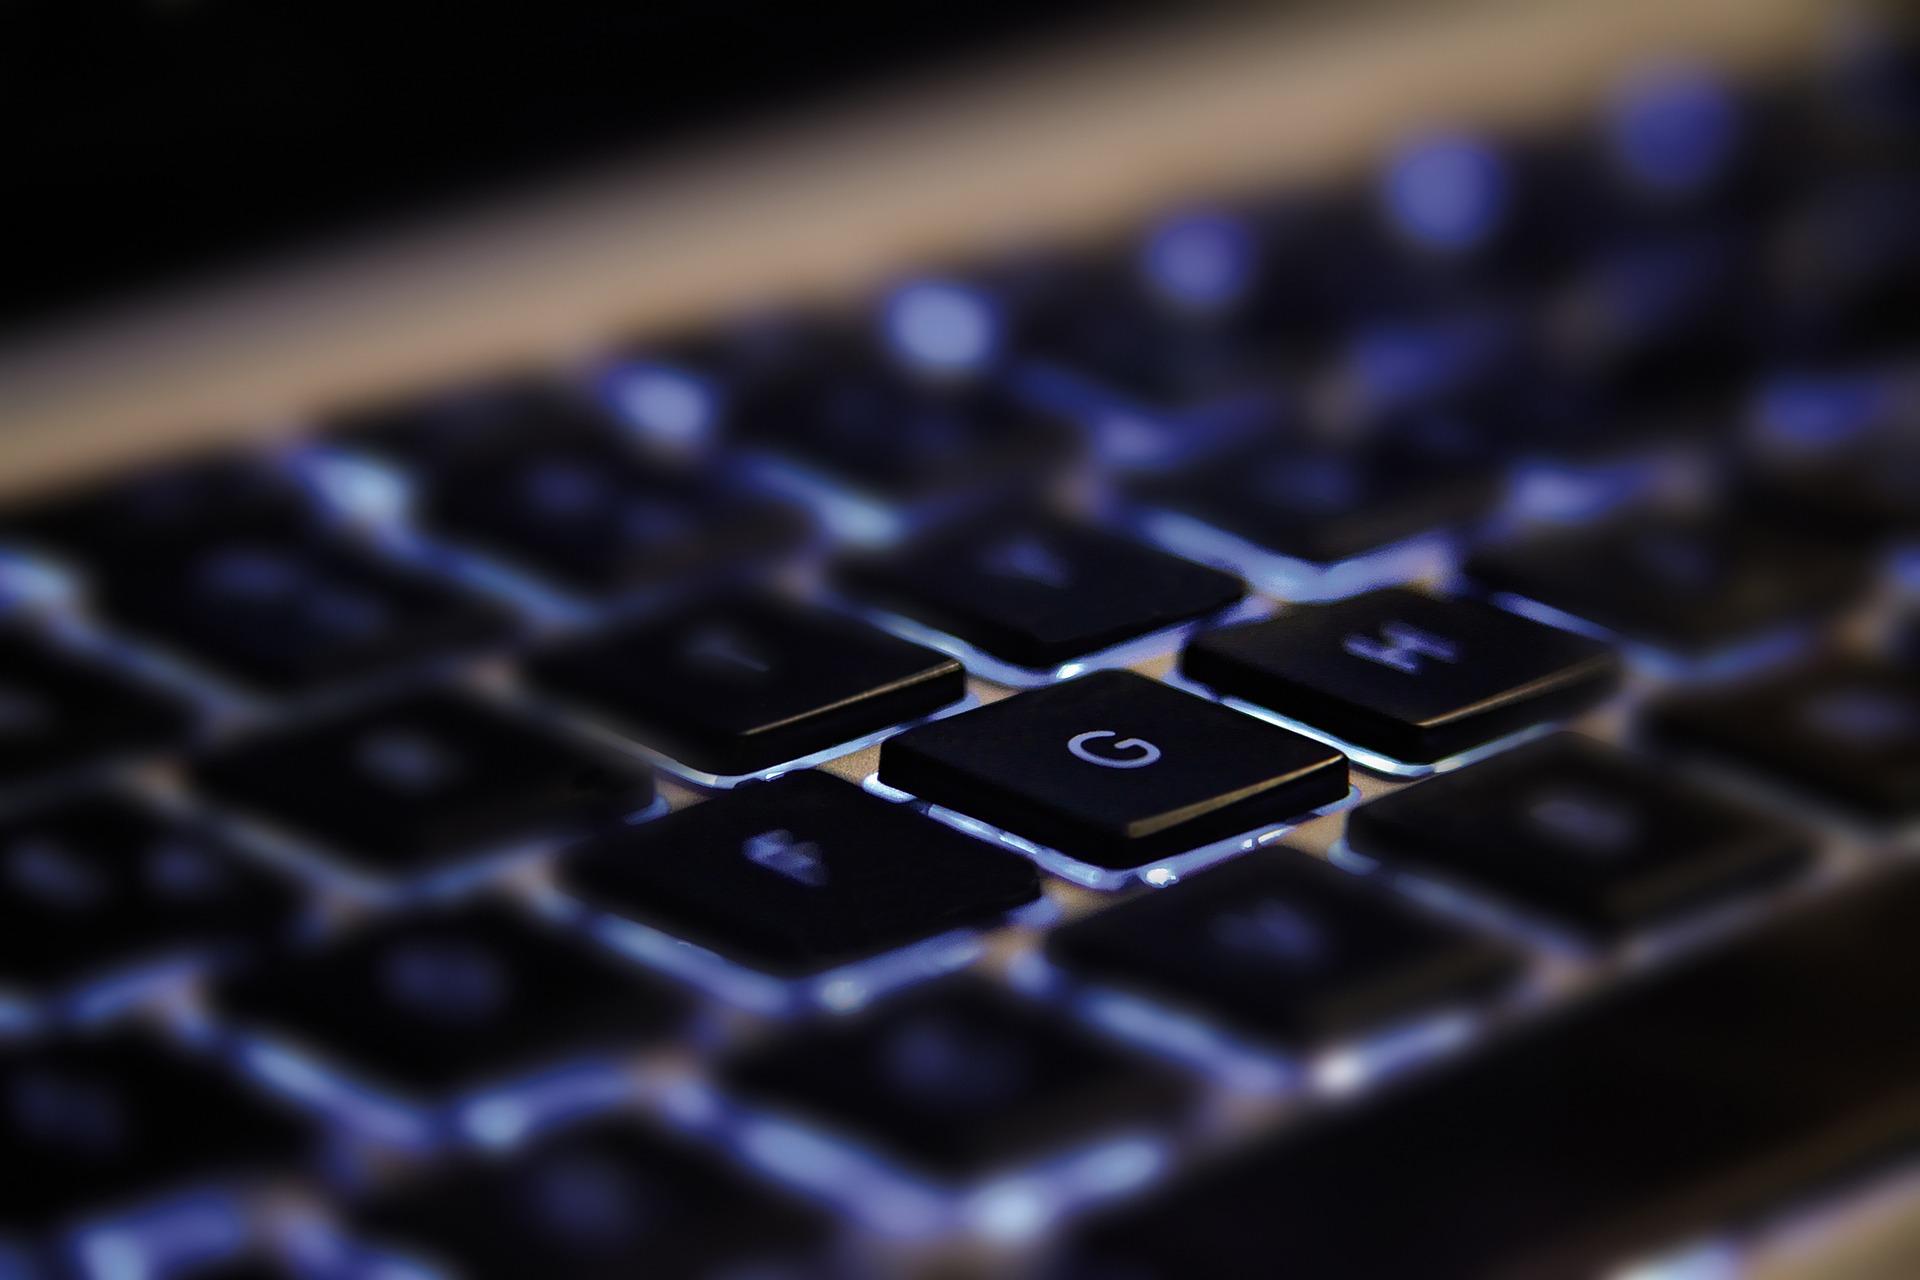 hackere kan avsløre hva du skriver